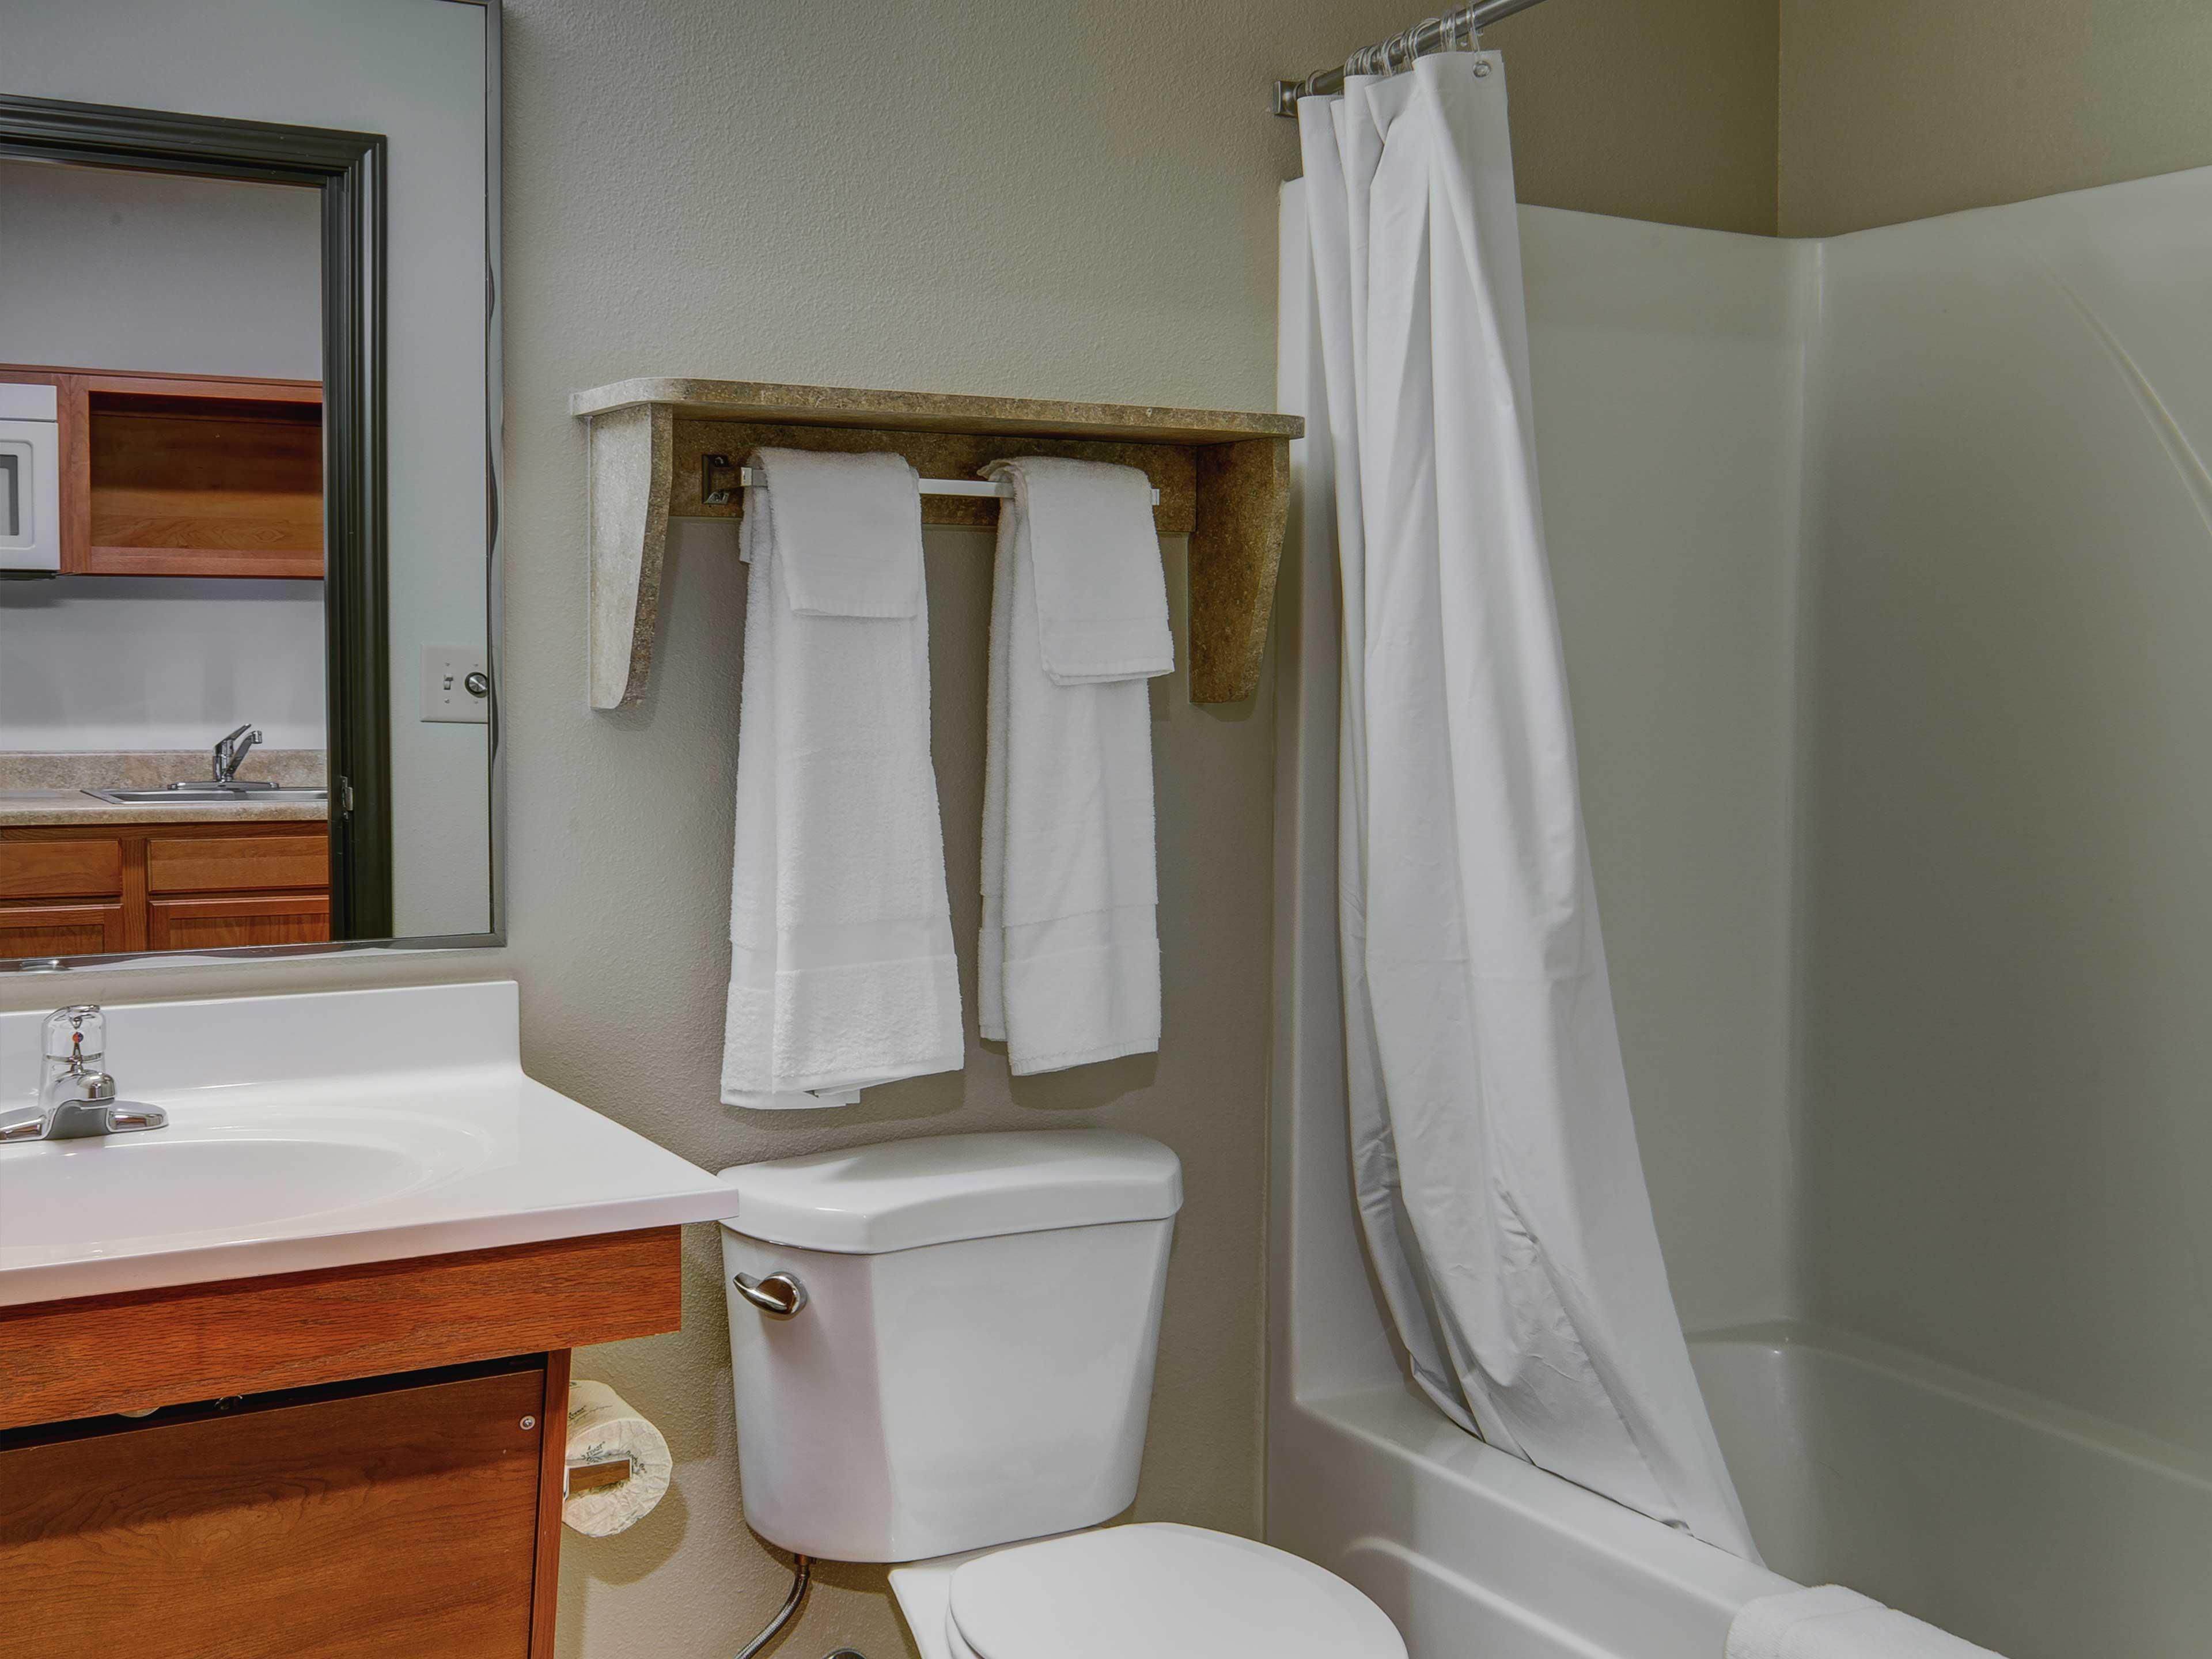 WoodSpring Suites Clarksville Fort Campbell